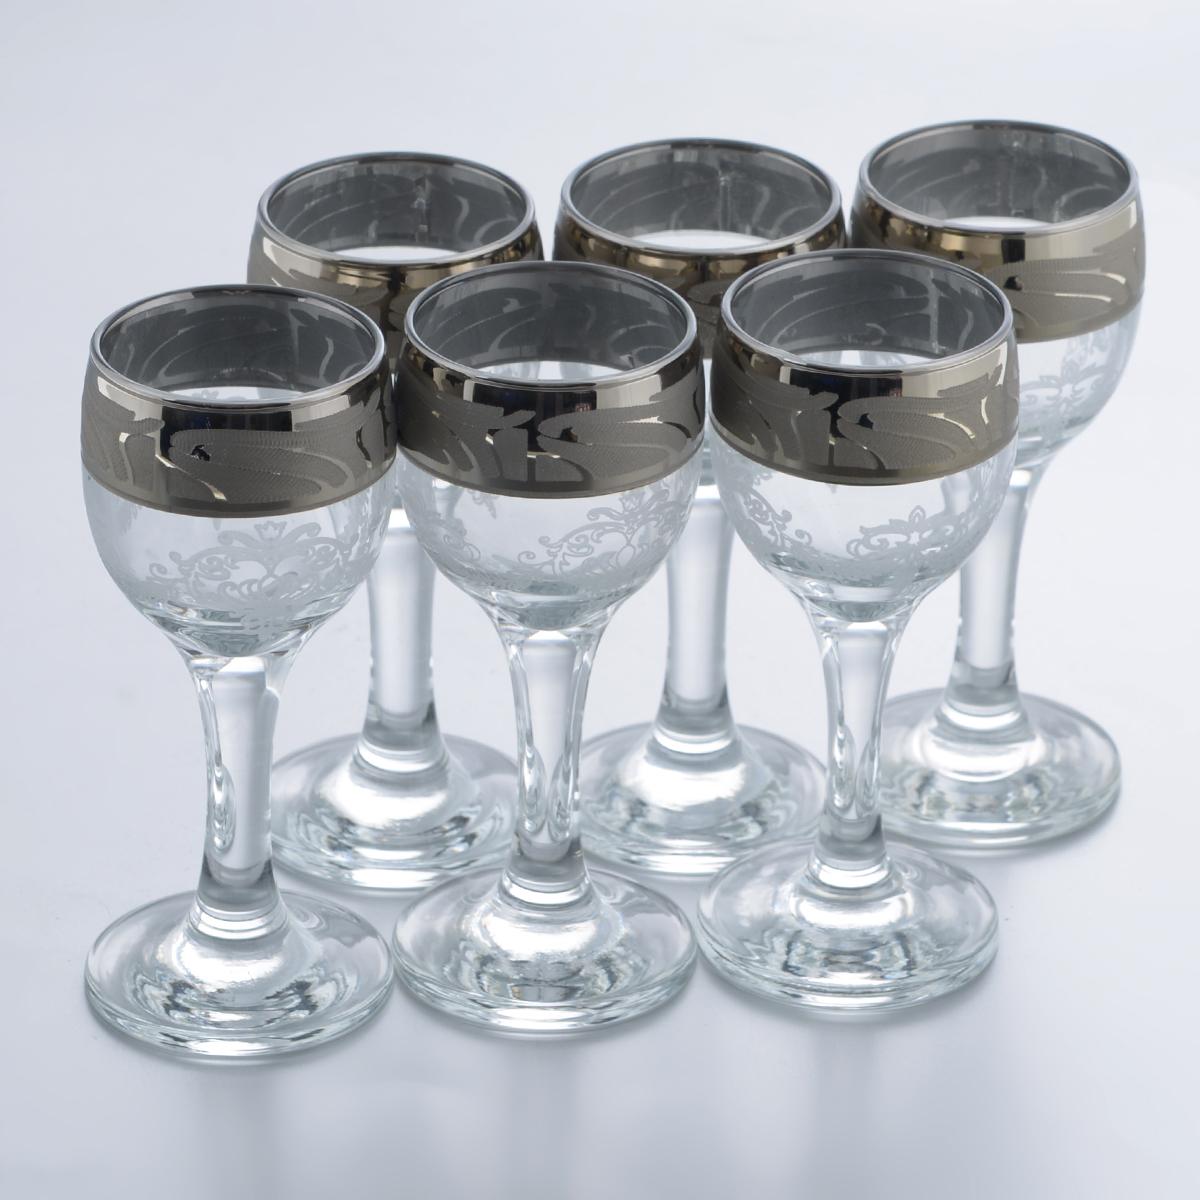 Набор рюмок Гусь-Хрустальный Мускат, 60 мл, 6 штGE05-134Набор Гусь-Хрустальный Мускат состоит из 6 рюмок на длинных ножках, изготовленных из высококачественного натрий-кальций-силикатного стекла. Изделия оформлены красивым зеркальным покрытием и белым матовым орнаментом. Такой набор прекрасно дополнит праздничный стол и станет желанным подарком в любом доме. Разрешается мыть в посудомоечной машине. Диаметр рюмки (по верхнему краю): 4,4 см. Высота рюмки: 11,3 см. Диаметр основания рюмки: 5 см.